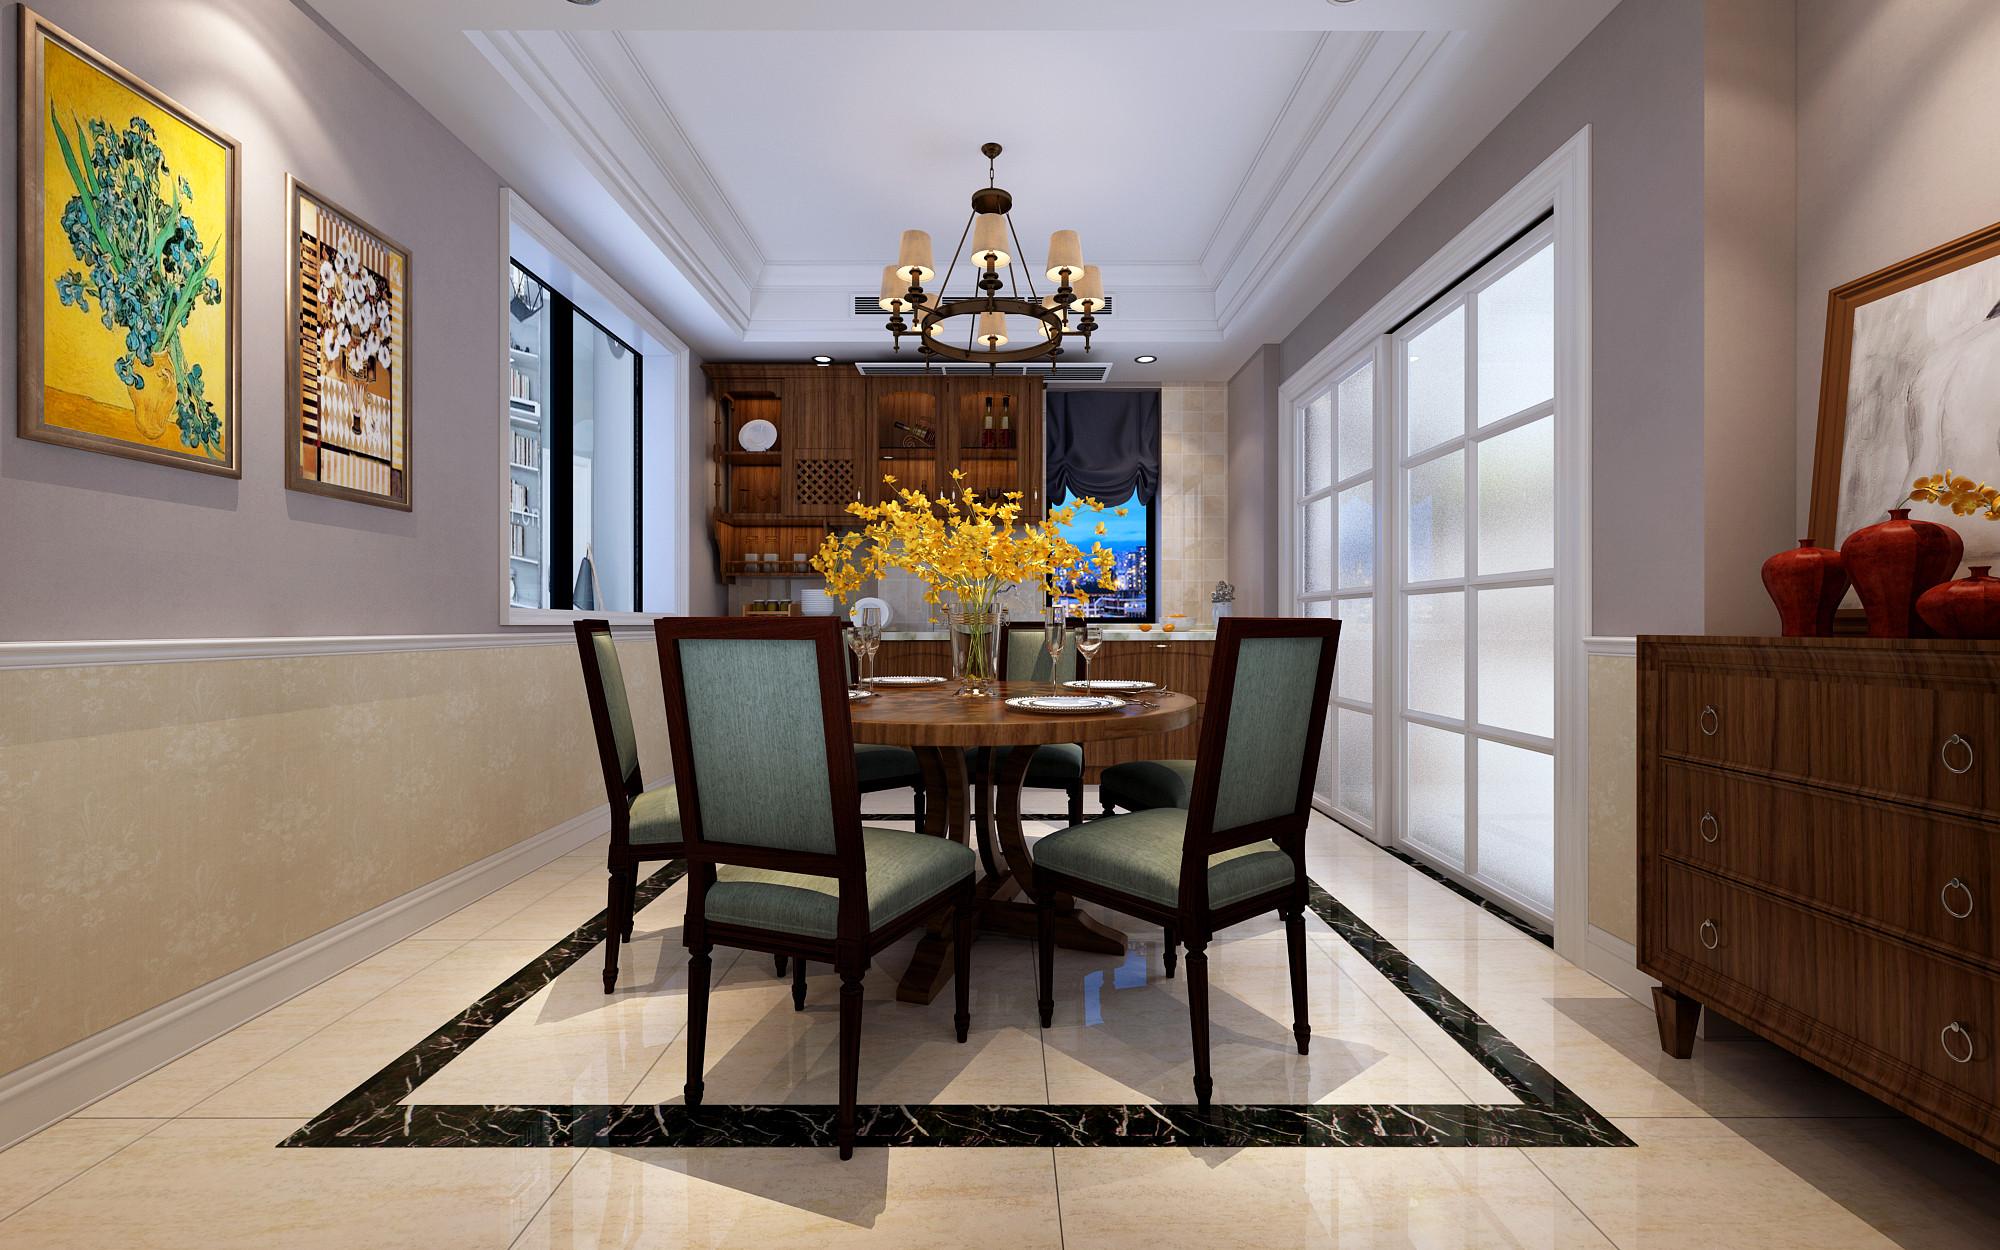 温馨美式别墅装修餐厅效果图